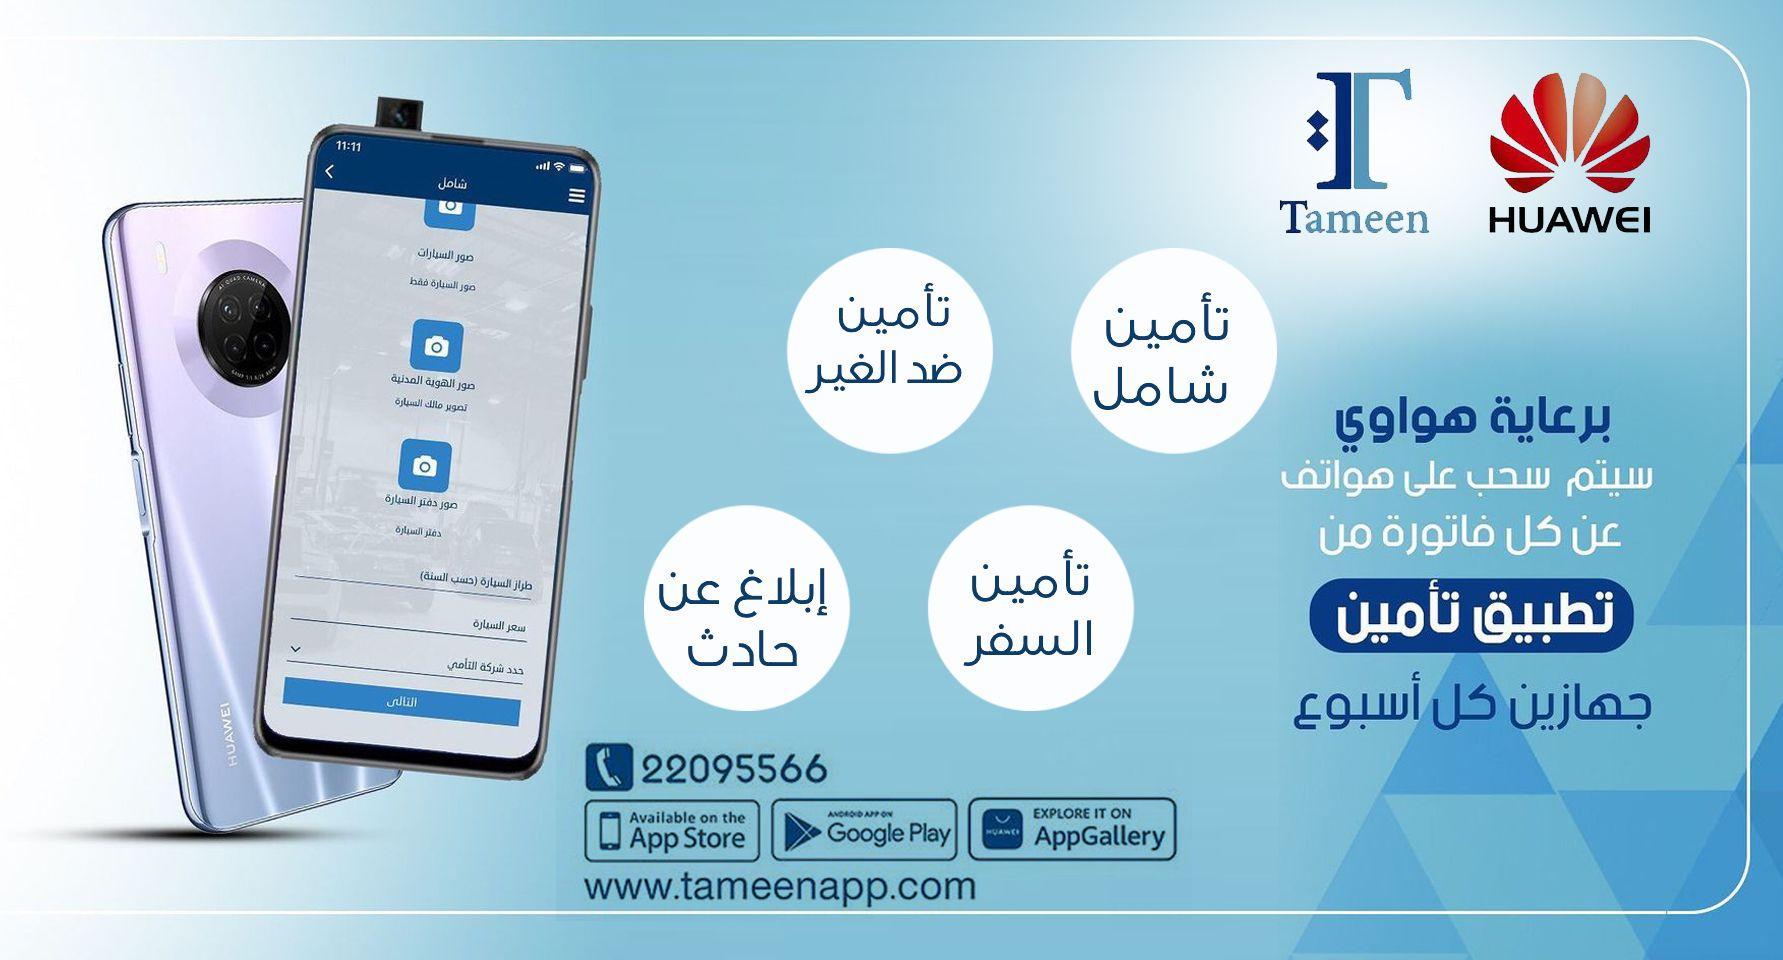 tameen app